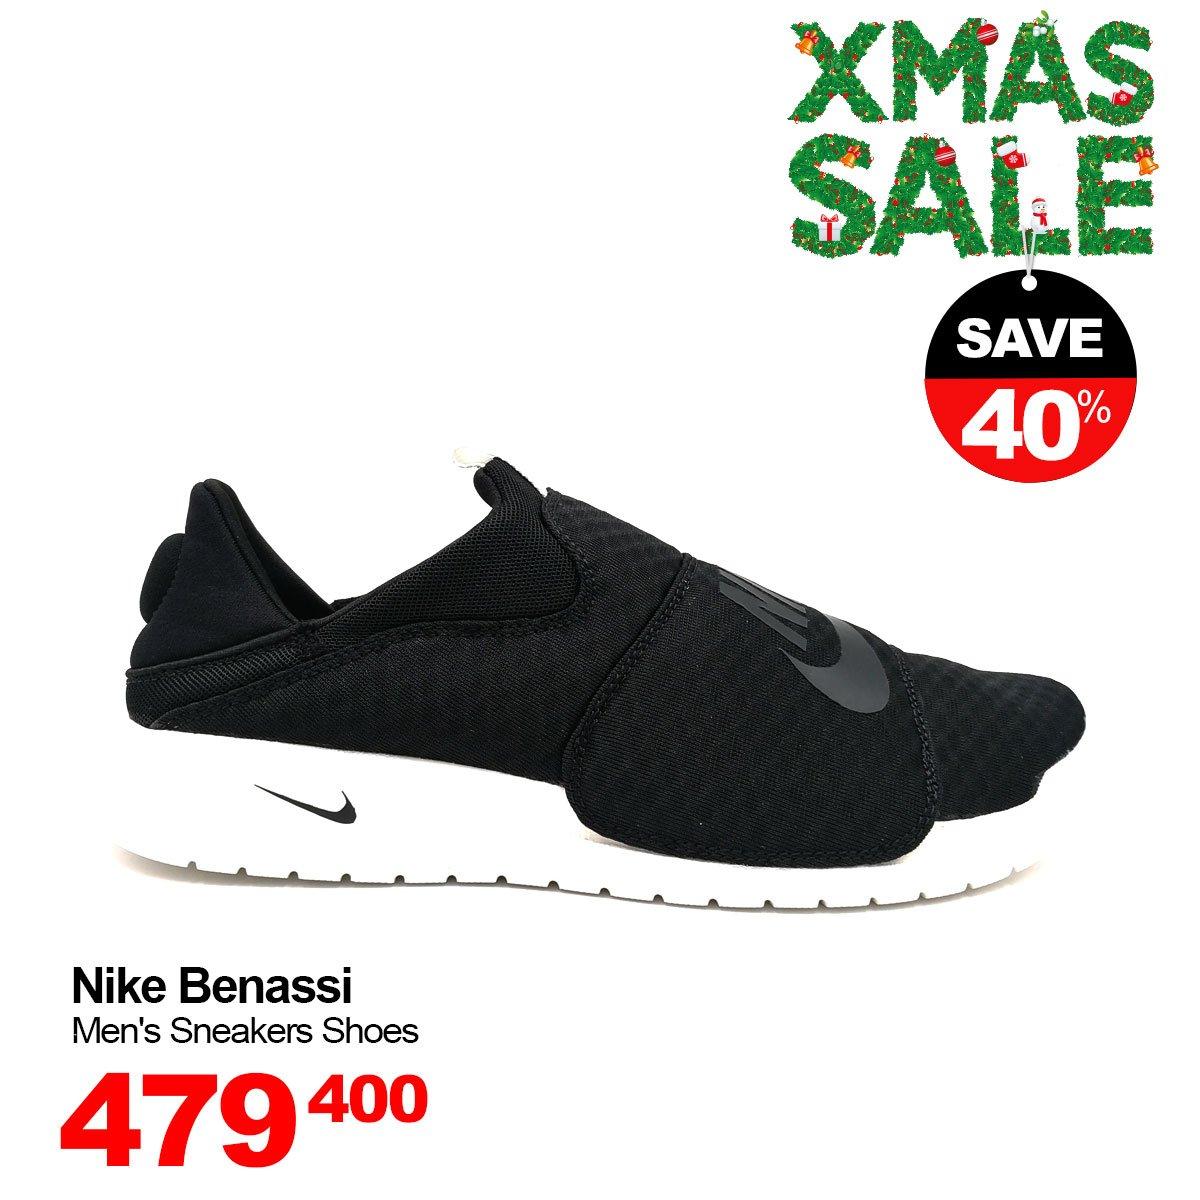 Harga Sepatu Nike Di Sport Station Medan. Sepatu Running Tanpa Tali ... 46ce9e98a0